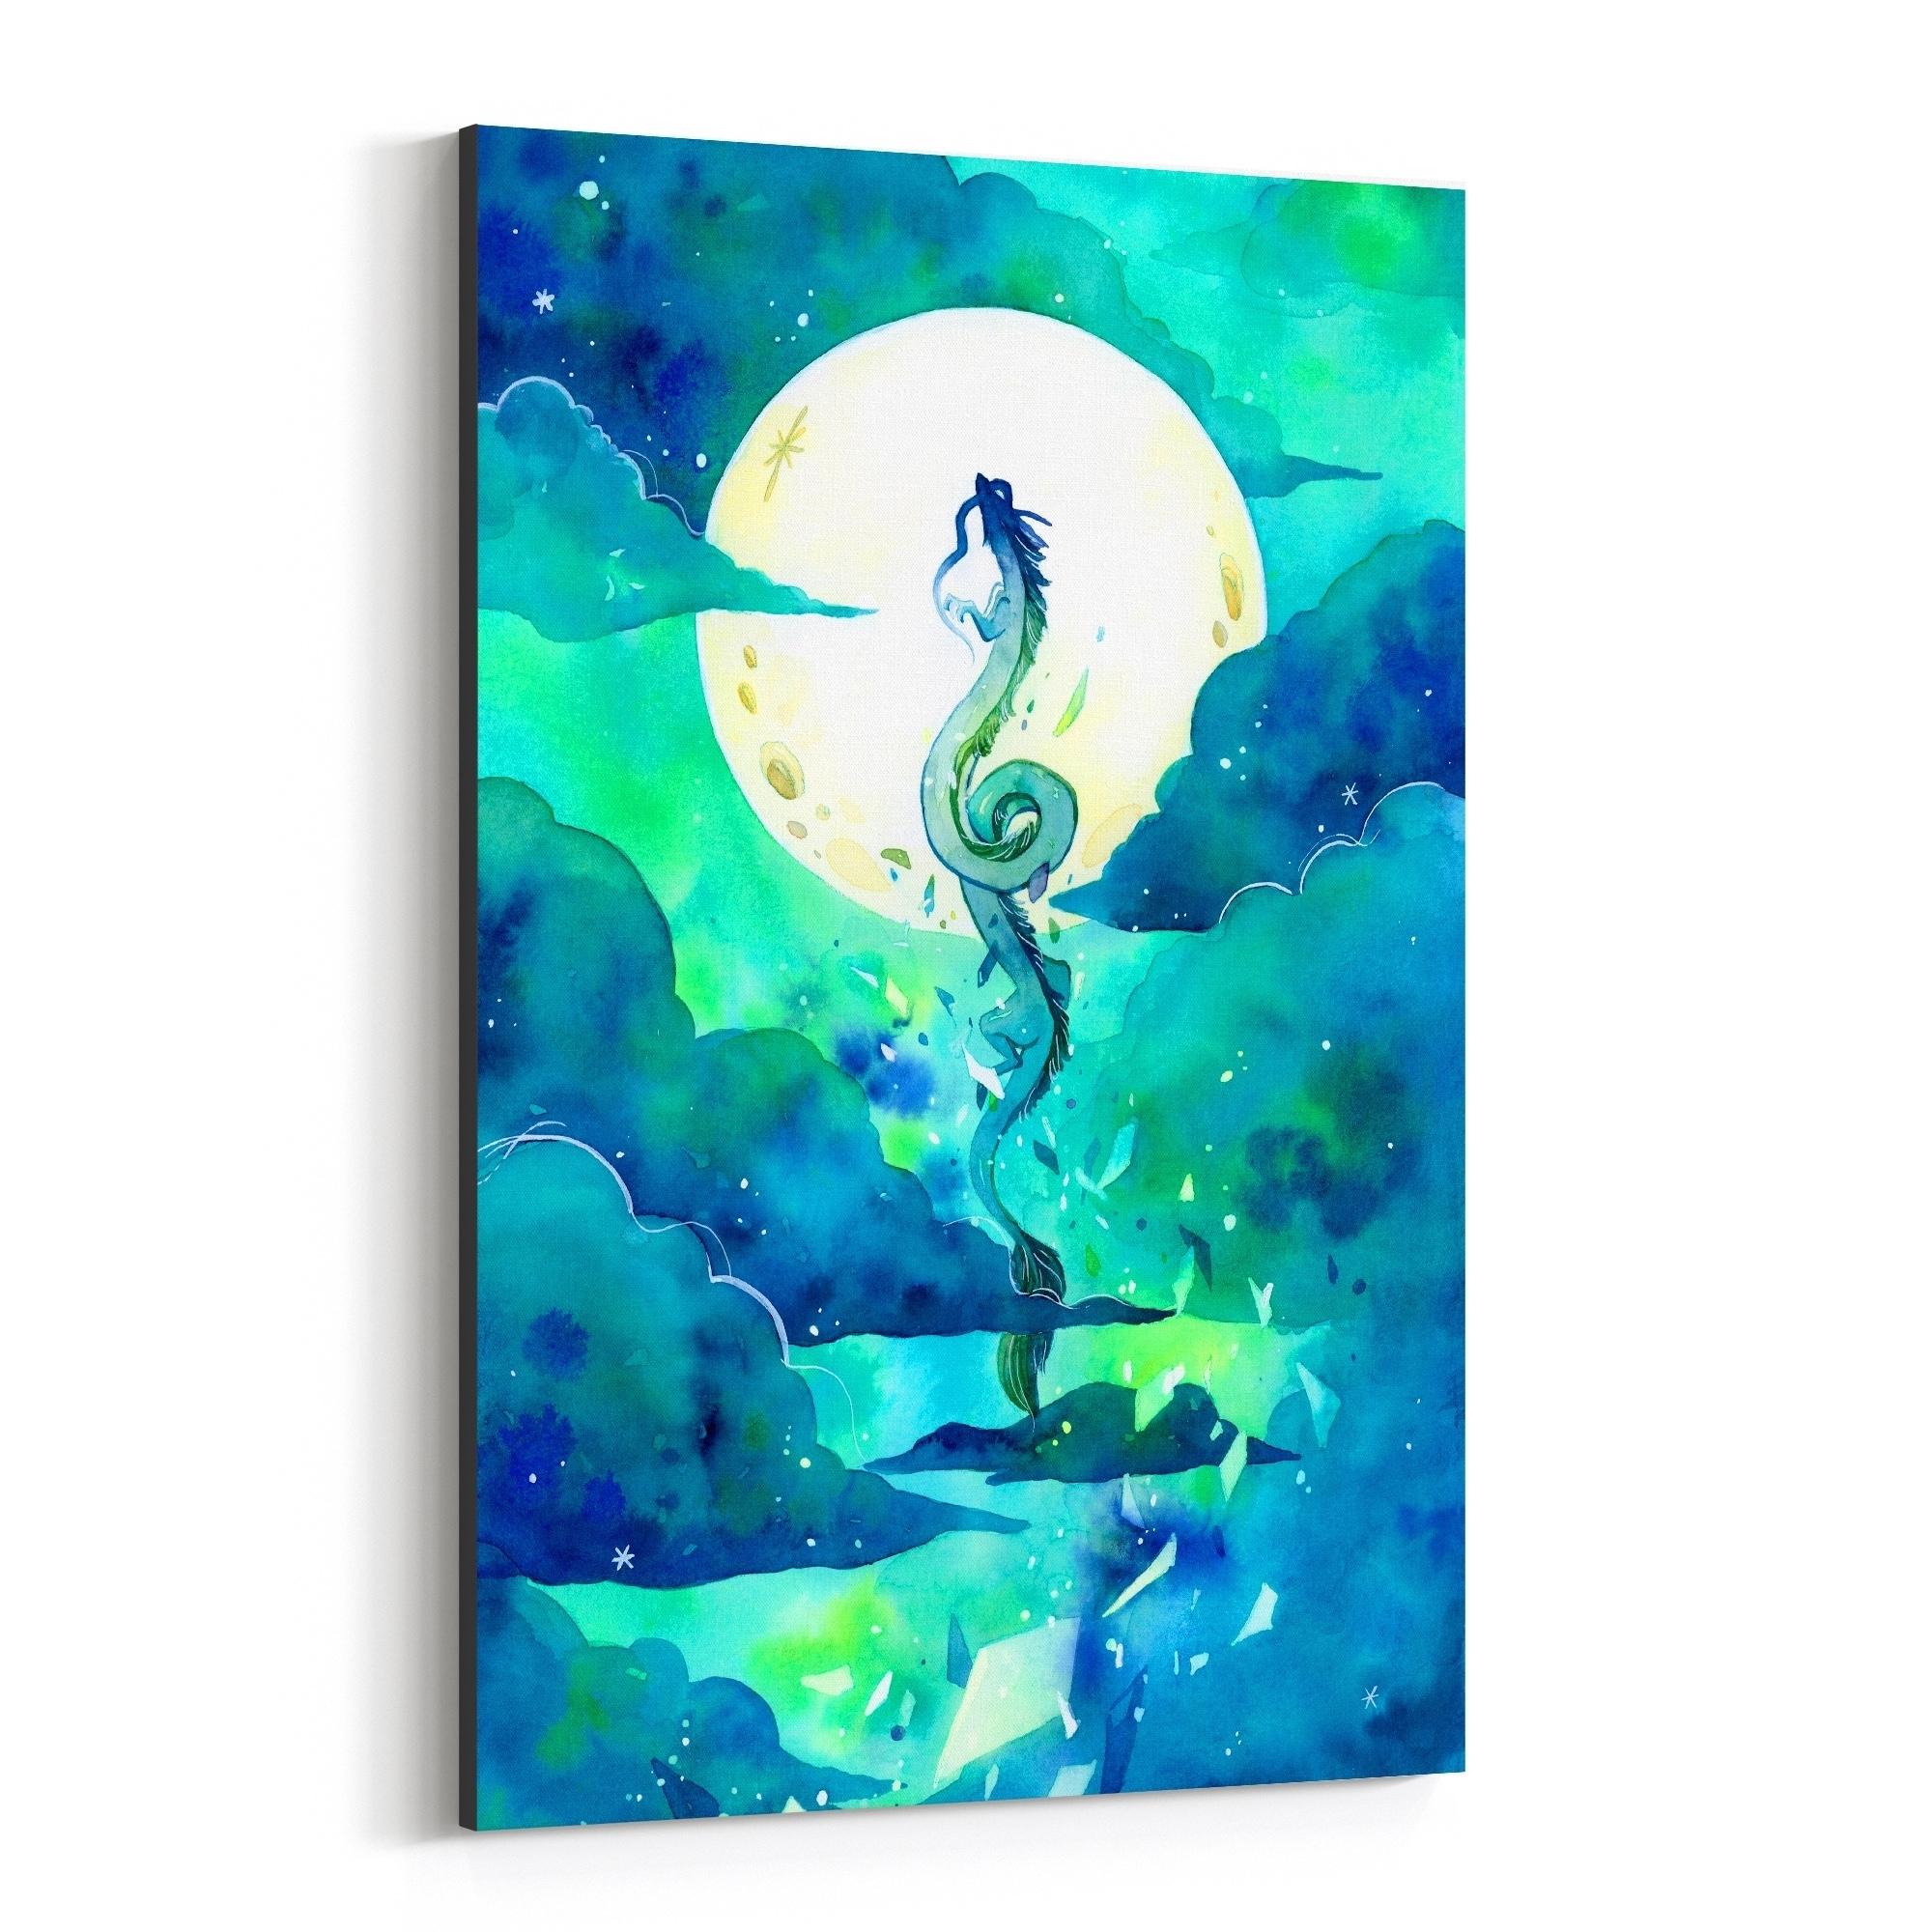 Shop Noir Gallery Flying Dragon Haku Spirited Away Canvas Wall Art Print Overstock 29361474